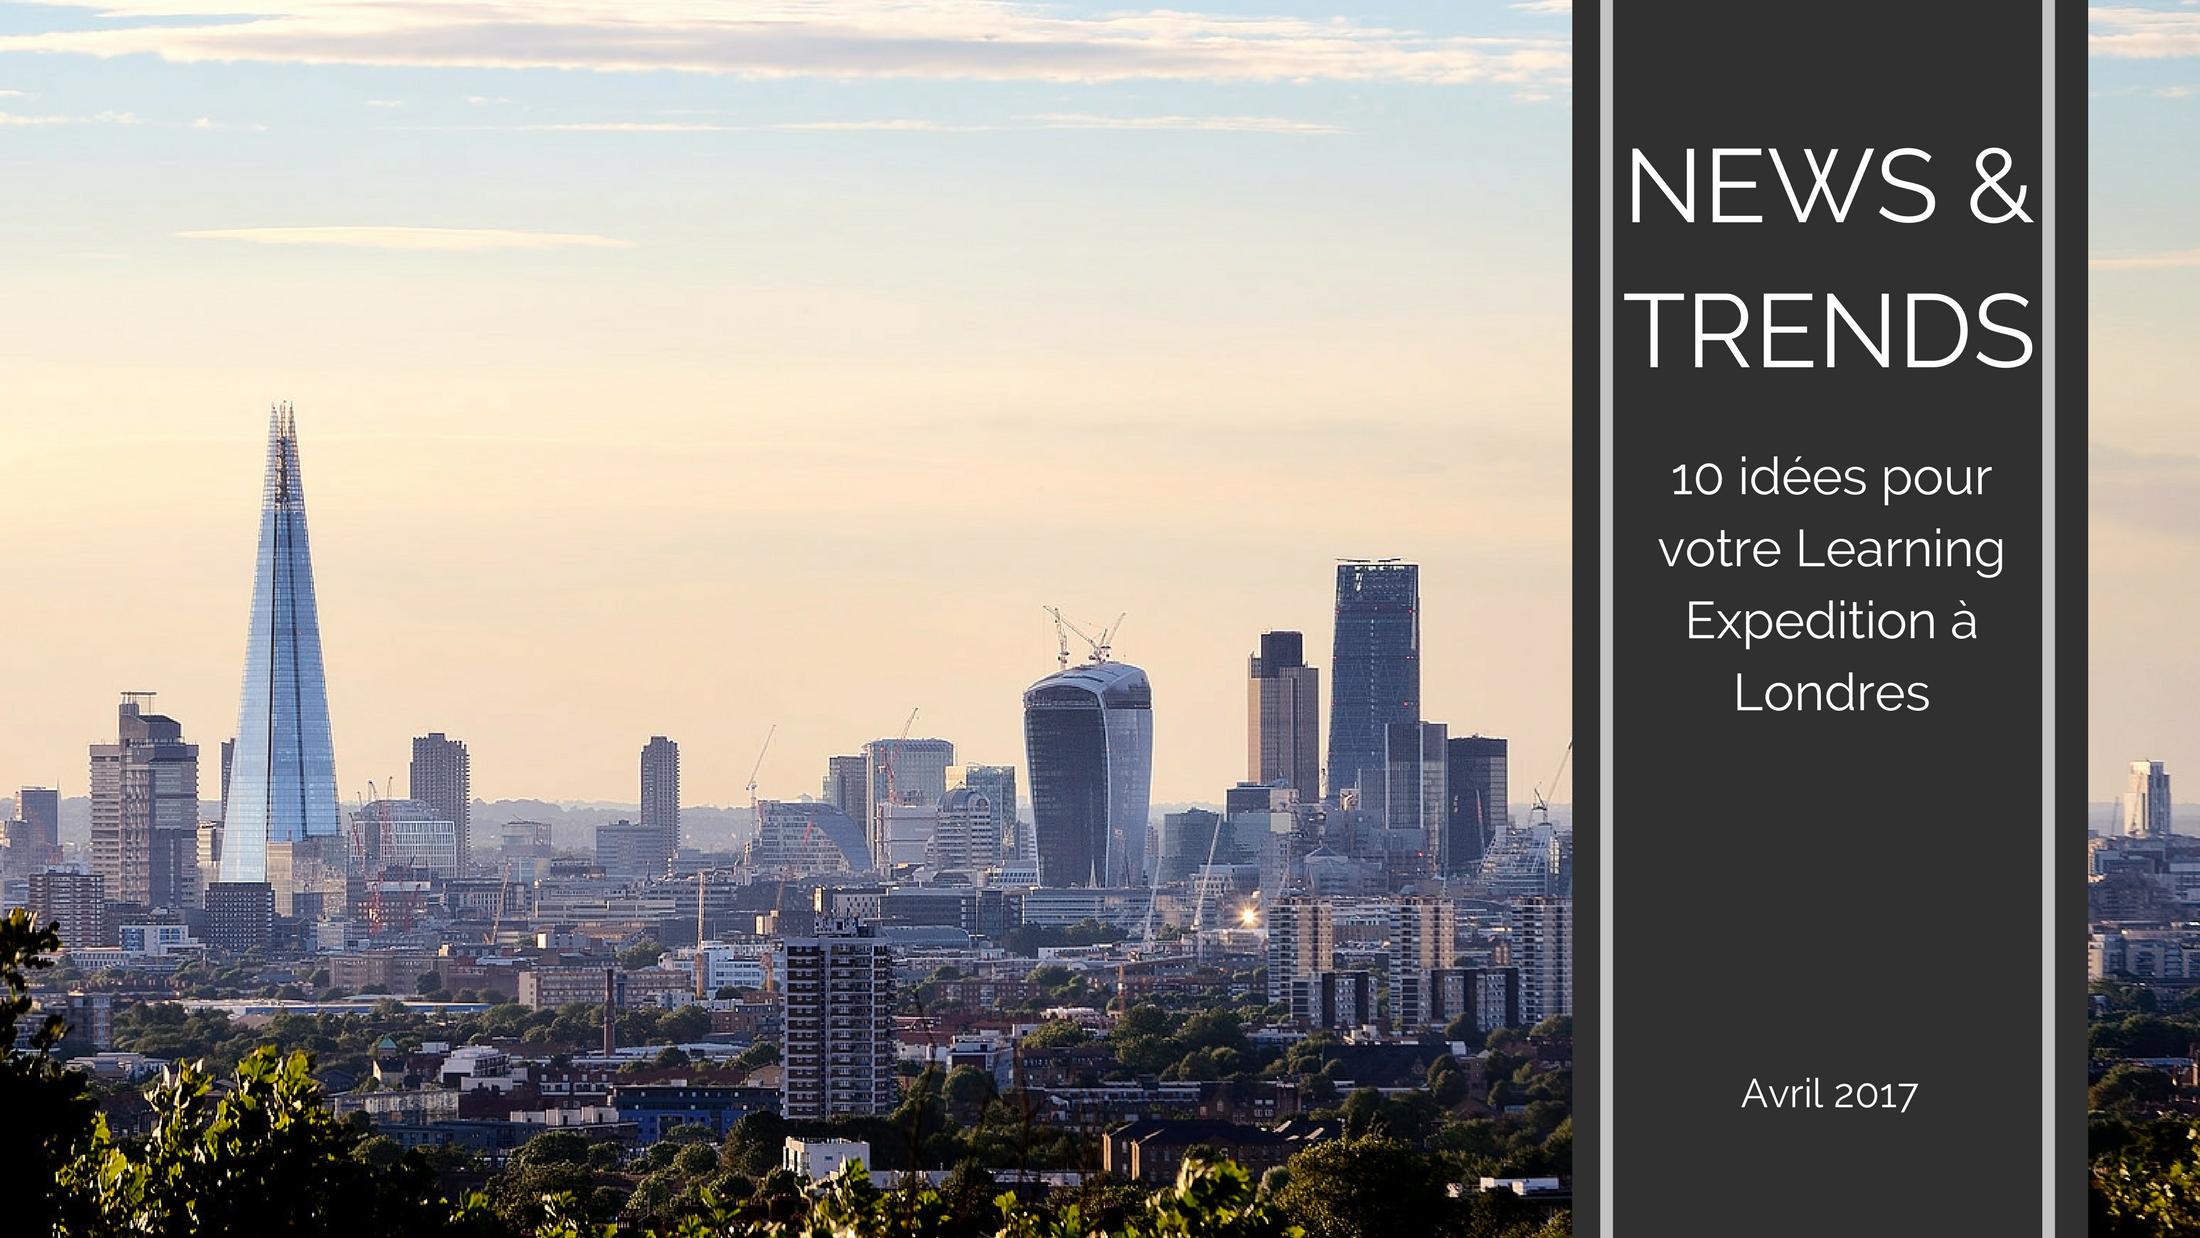 Trends News2 - 10 idées pour votre Learning Expedition à Londres